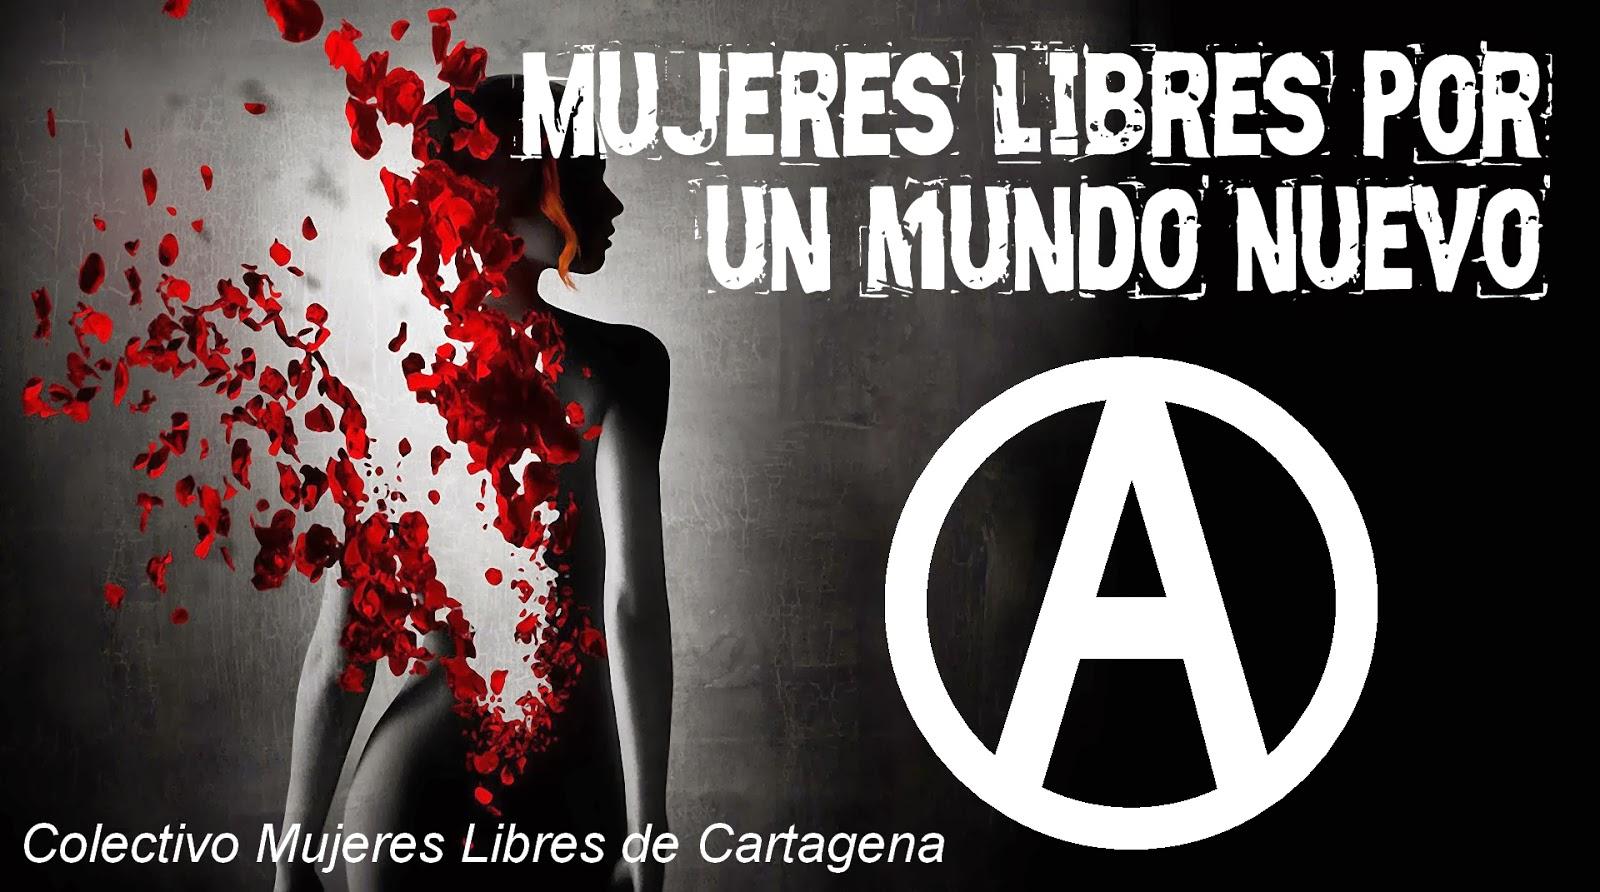 relaciones online gratis cartagena